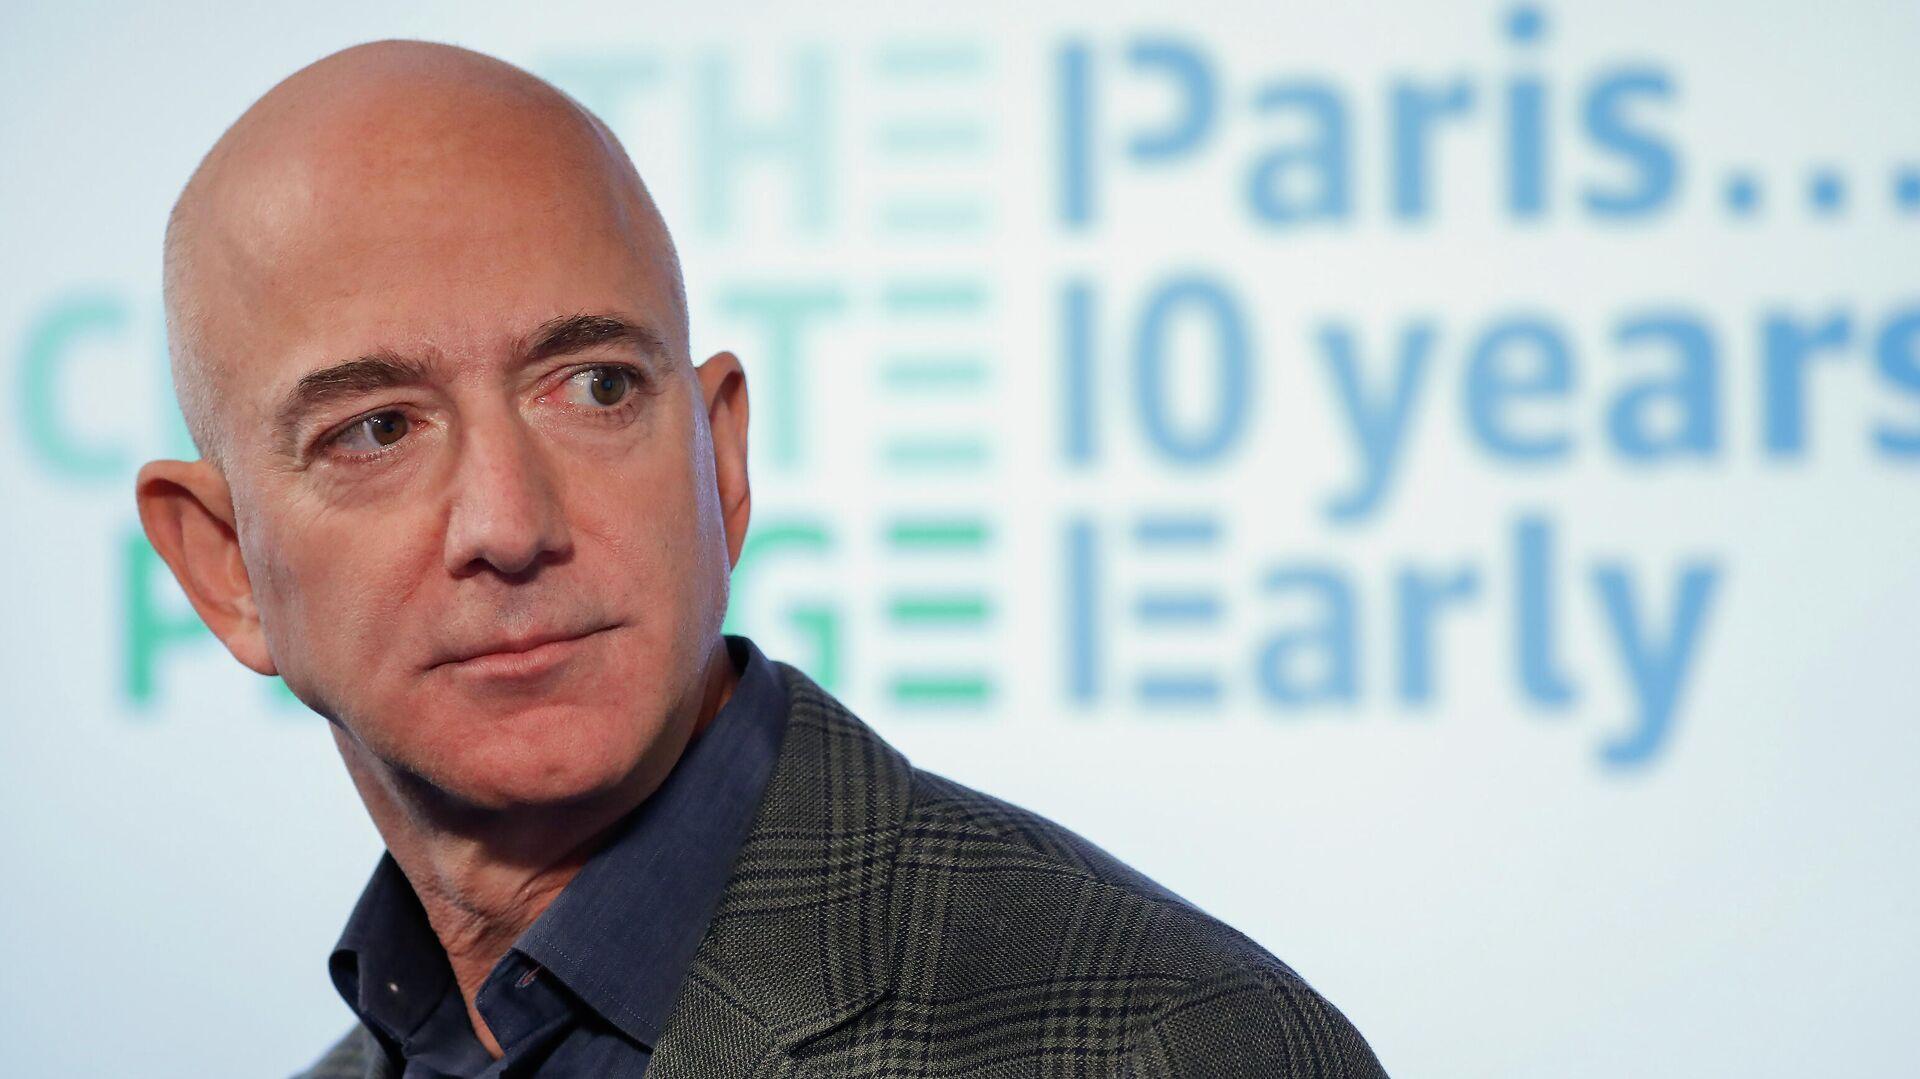 Генеральный директор Amazon Джефф Безос на пресс-конференции в пресс-клубе в Вашингтоне  - РИА Новости, 1920, 29.10.2020